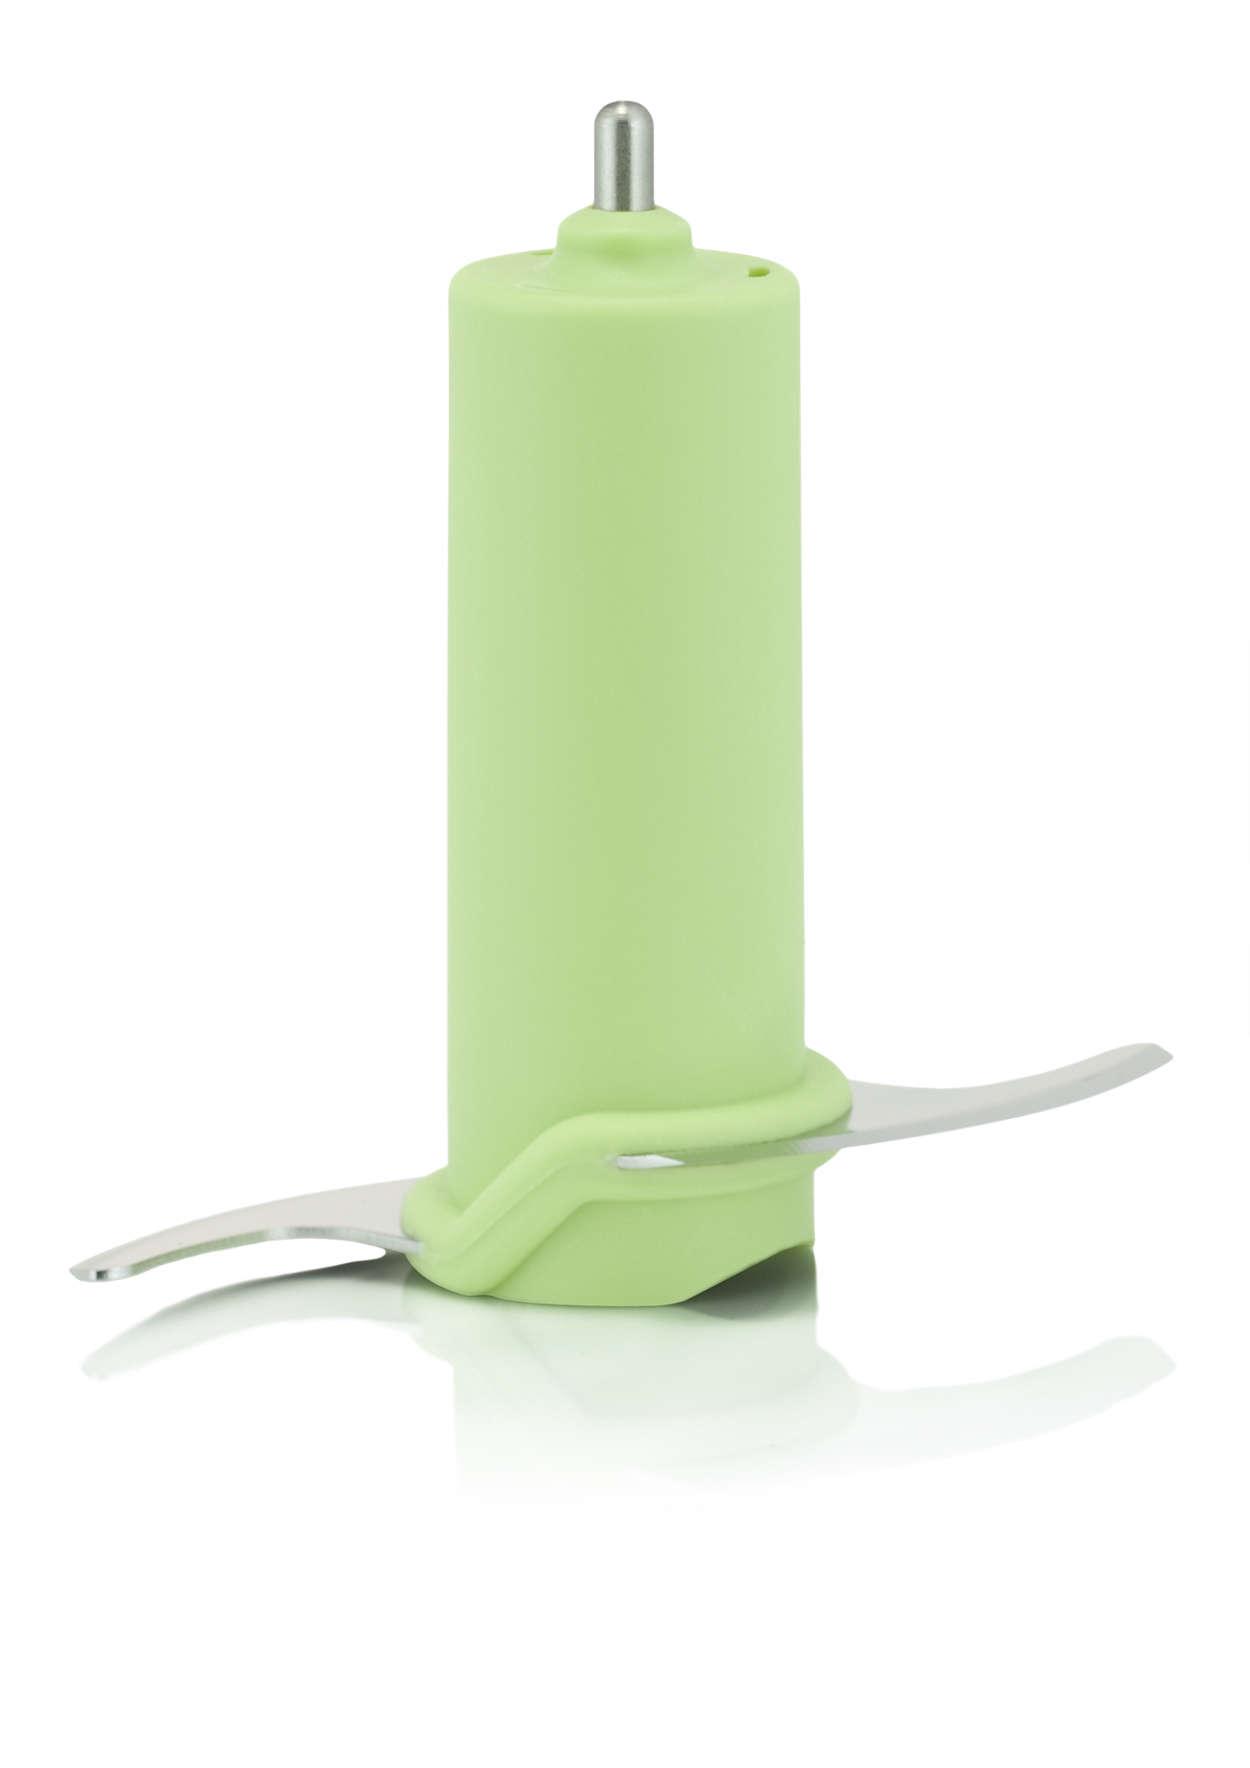 Zum Zerkleinern von Zutaten mit Ihrem Dampfgarer/Mixer